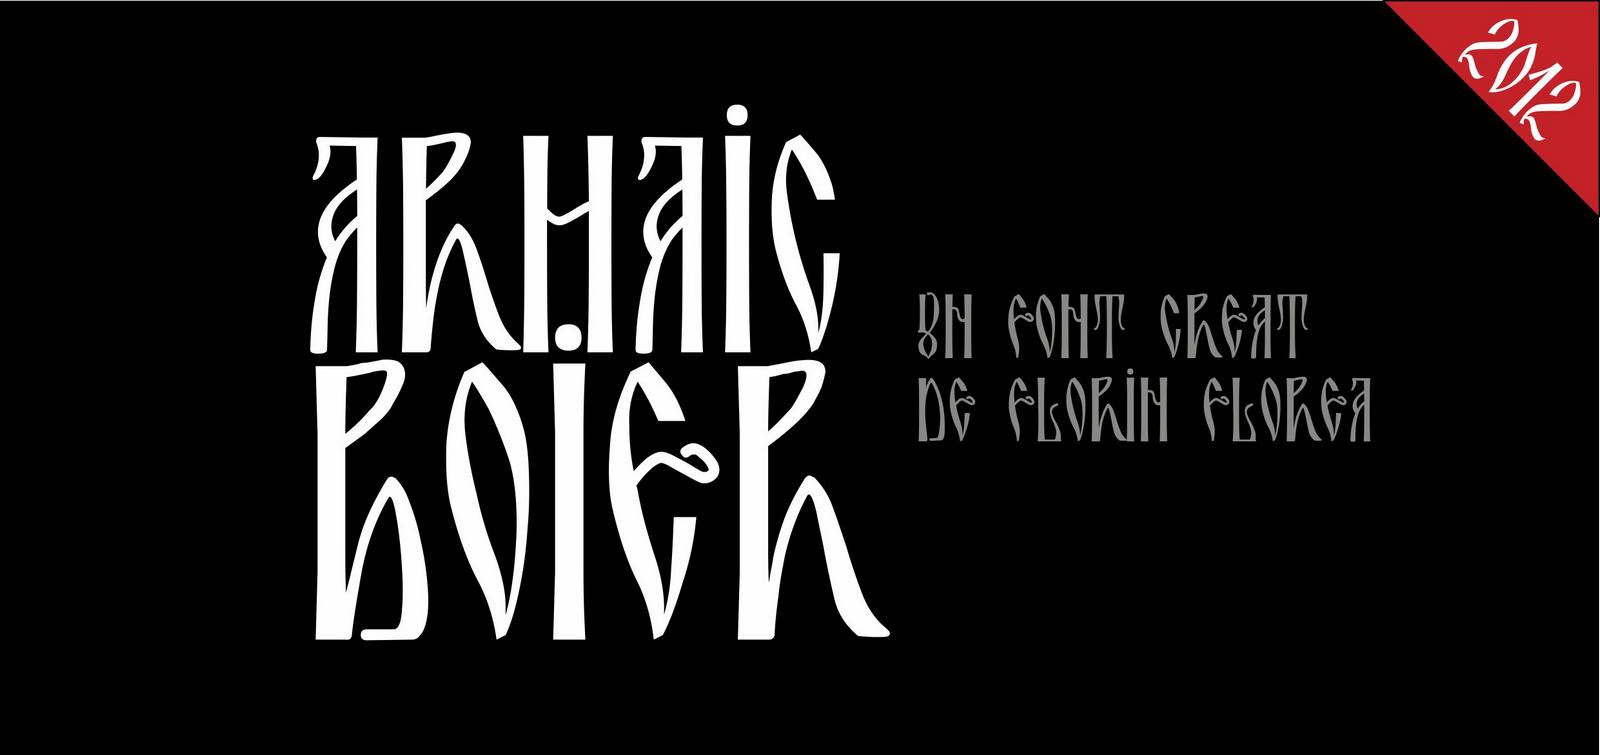 Font Arhaic Boier